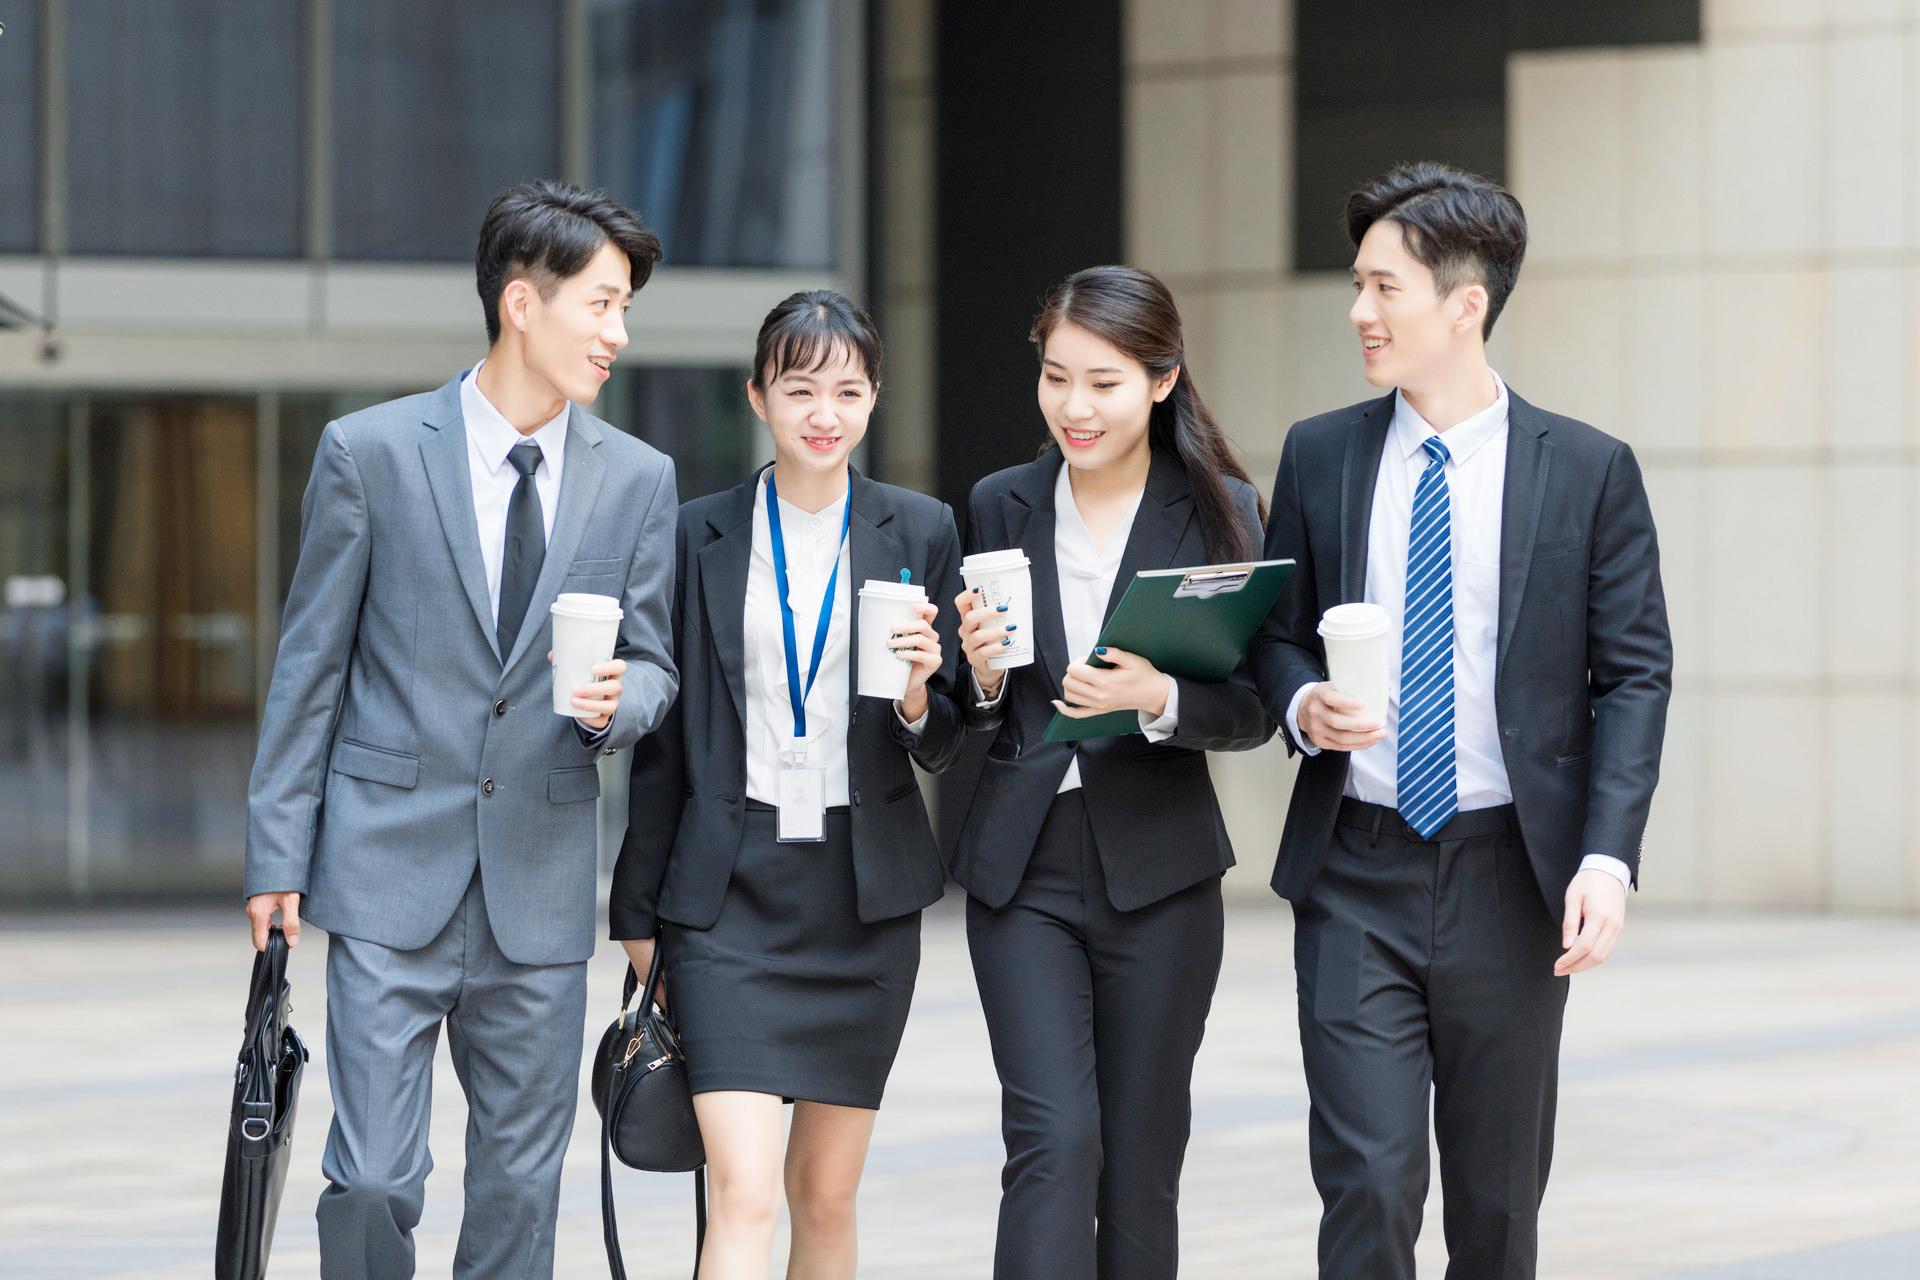 杭州八大举措全球引才 最高给予800万元购房补贴